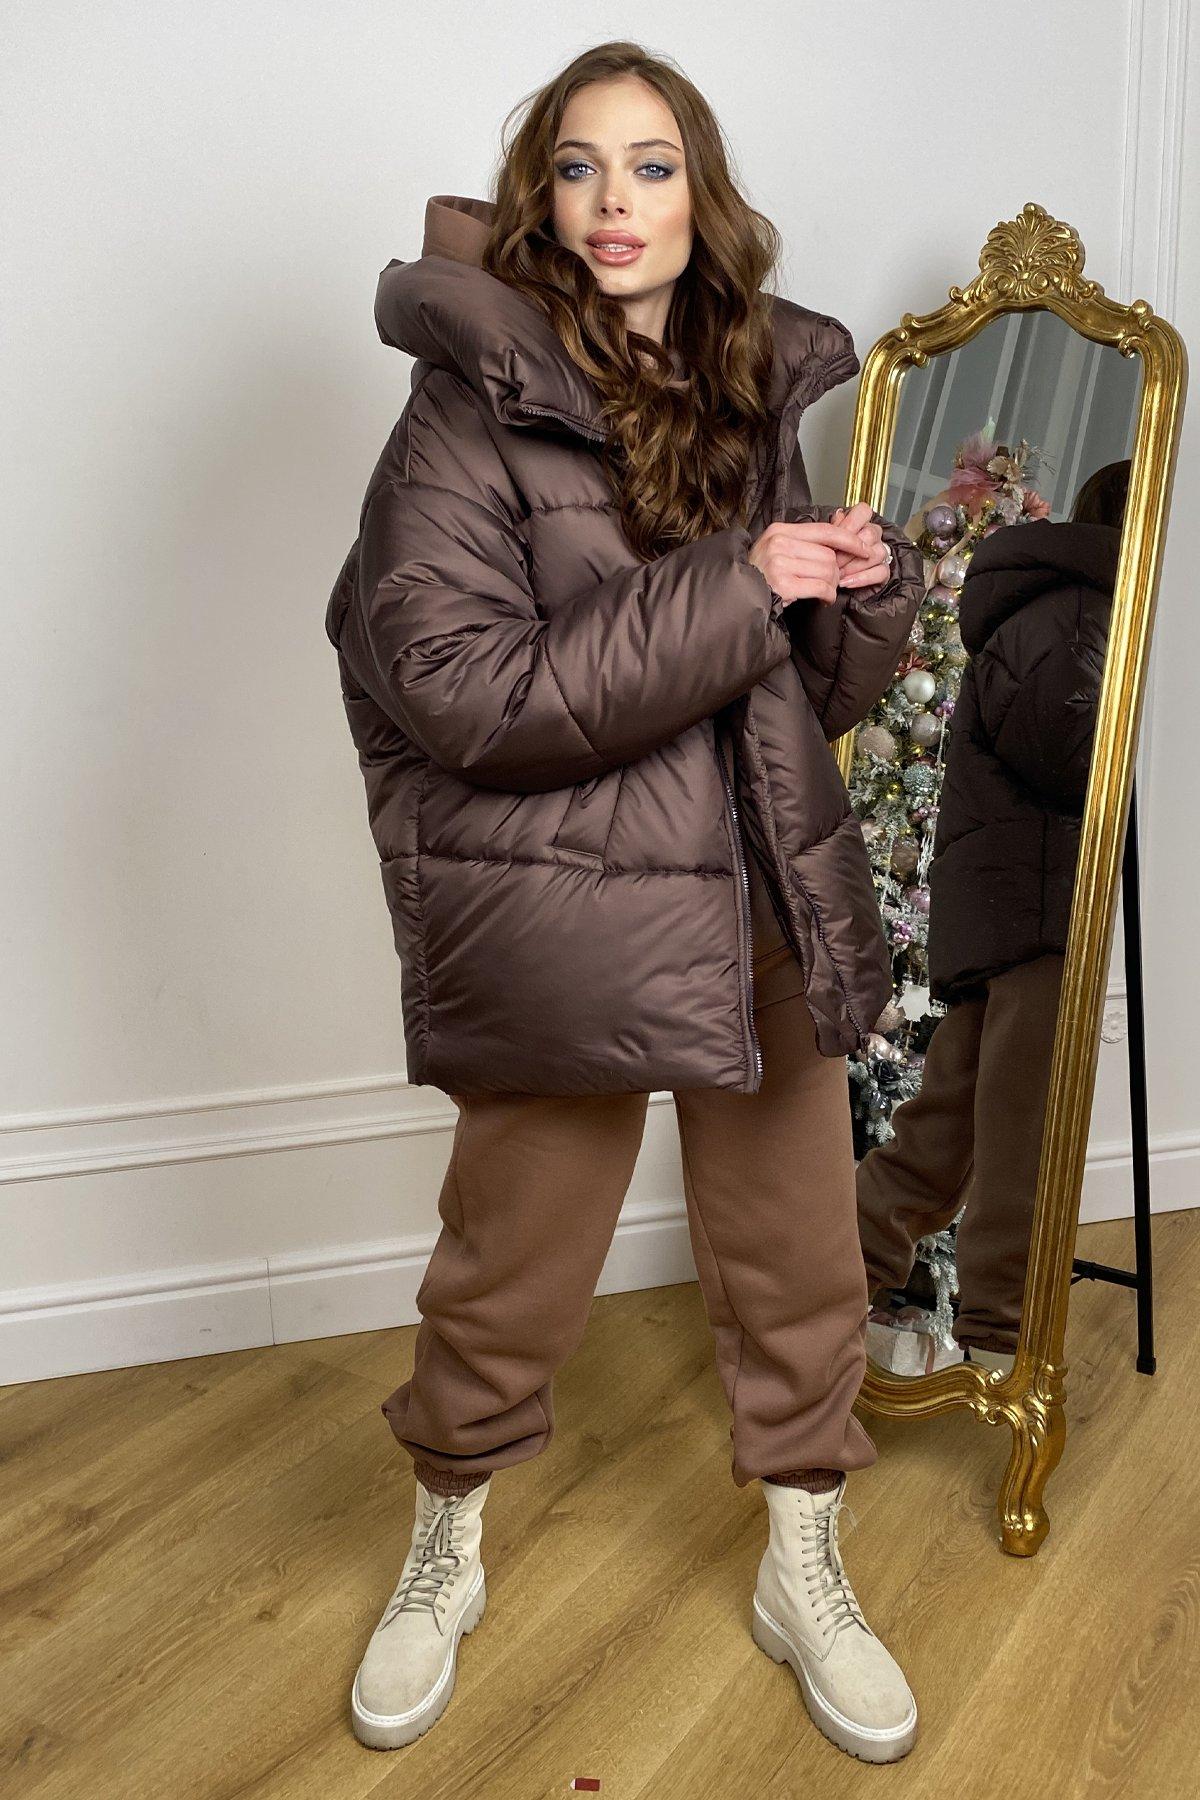 Овертайм  теплый пуховик из матовой плащевой ткани 10245 АРТ. 46627 Цвет: Шоколад - фото 1, интернет магазин tm-modus.ru